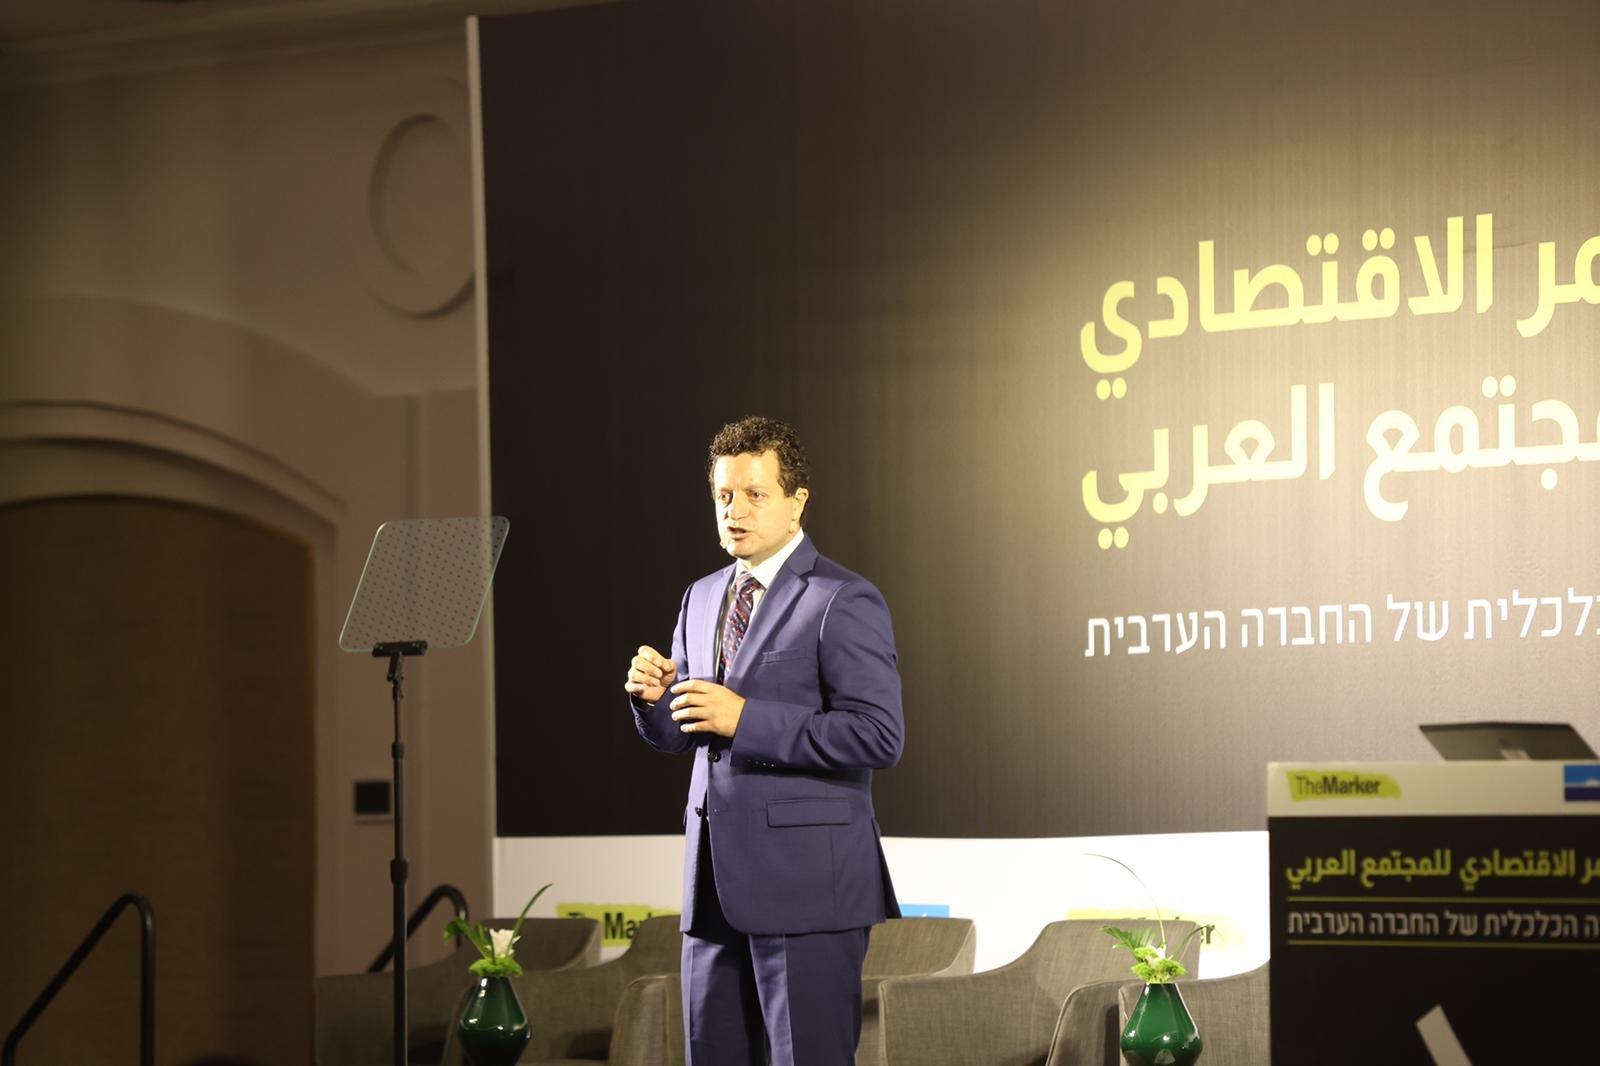 مشاركة كبيرة ومحاضرات هامة في المؤتمر الاقتصادي للمجتمع العربي بالناصرة-10